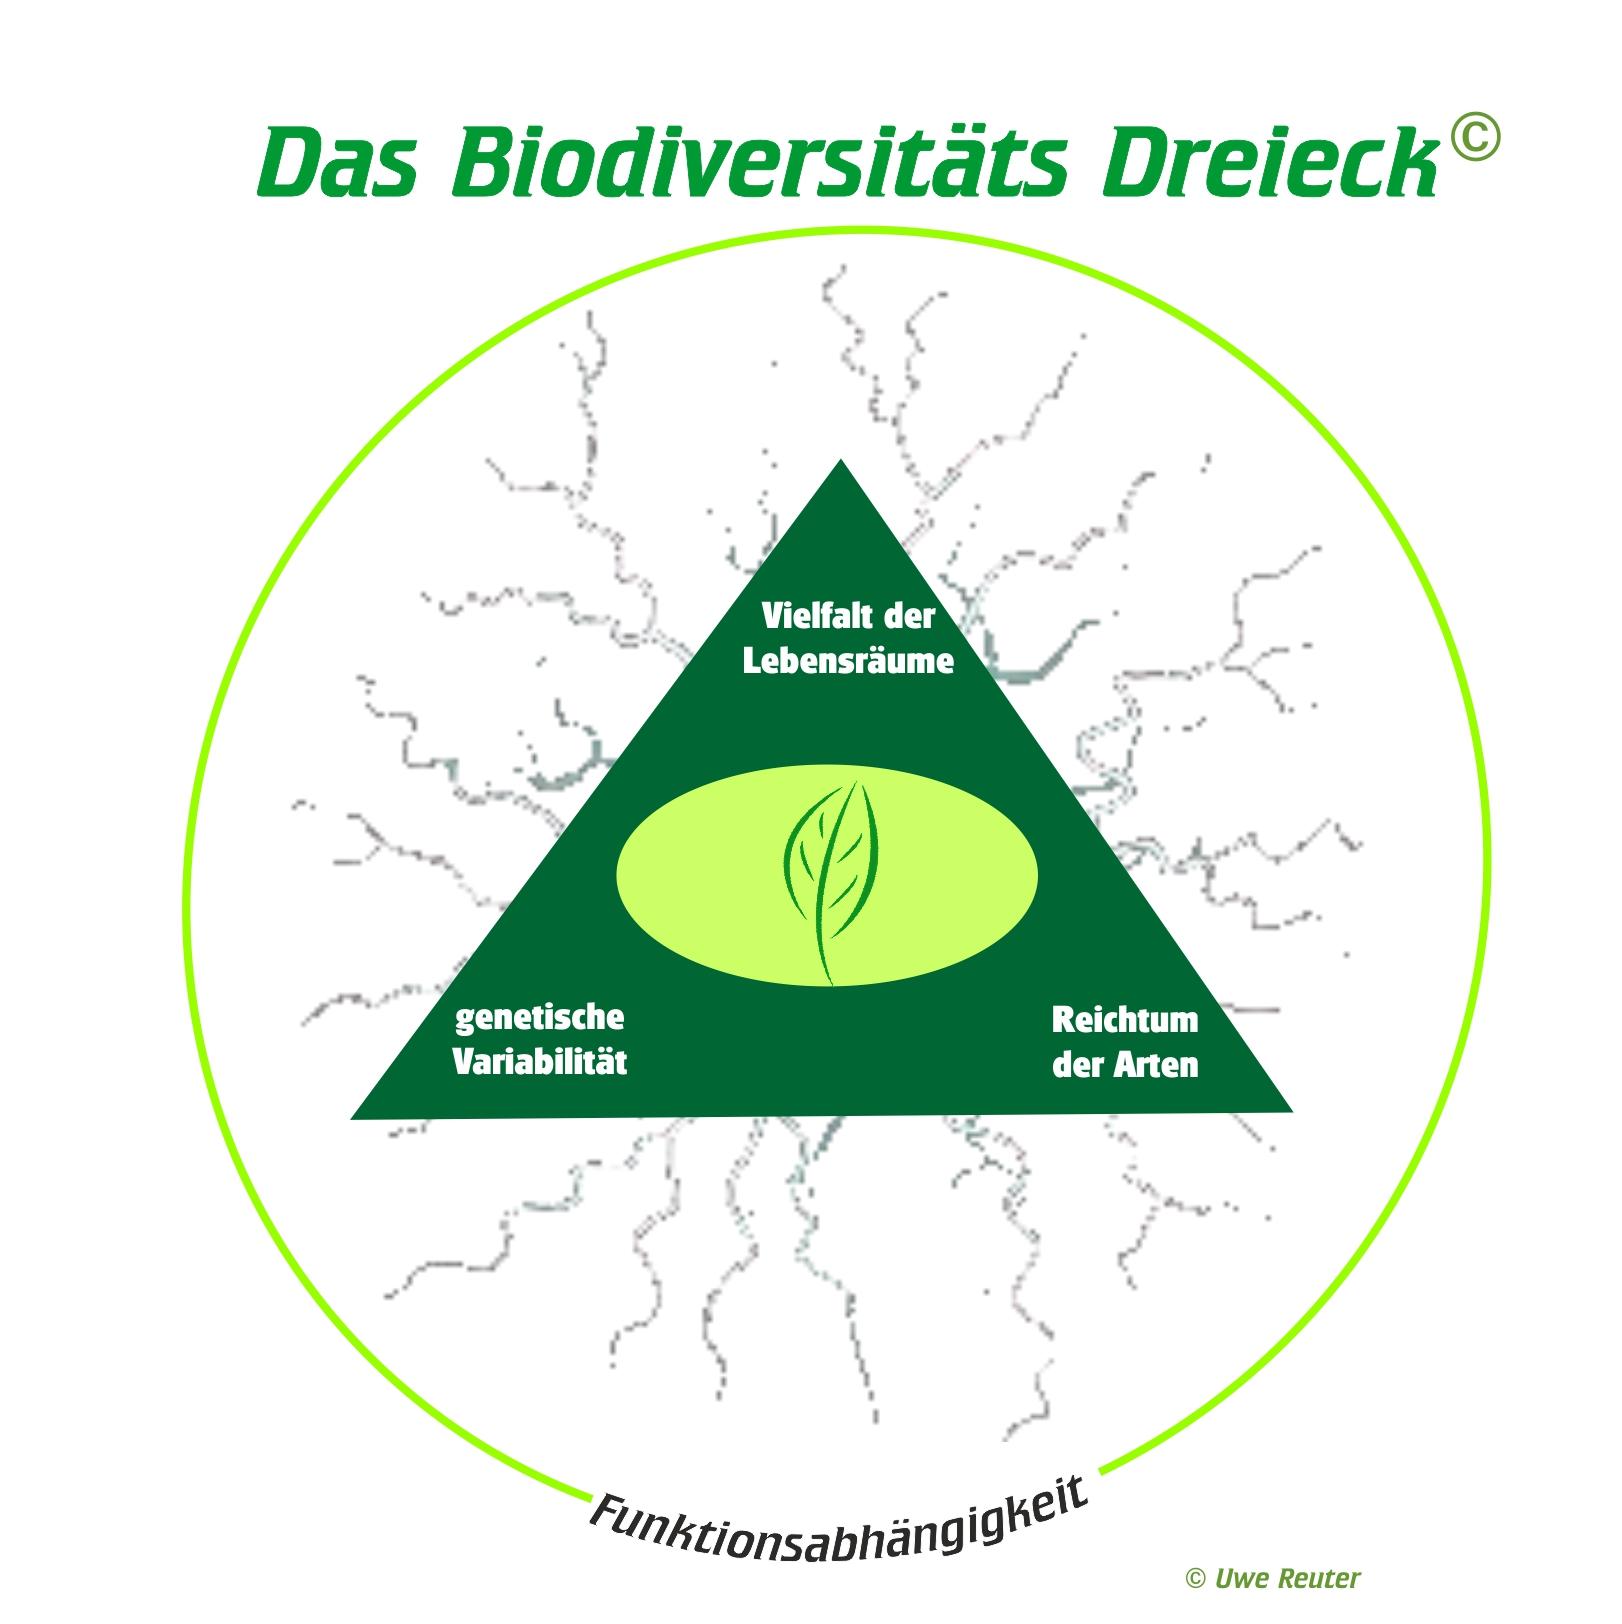 Die Dreifaltigkeit der Biodiversität